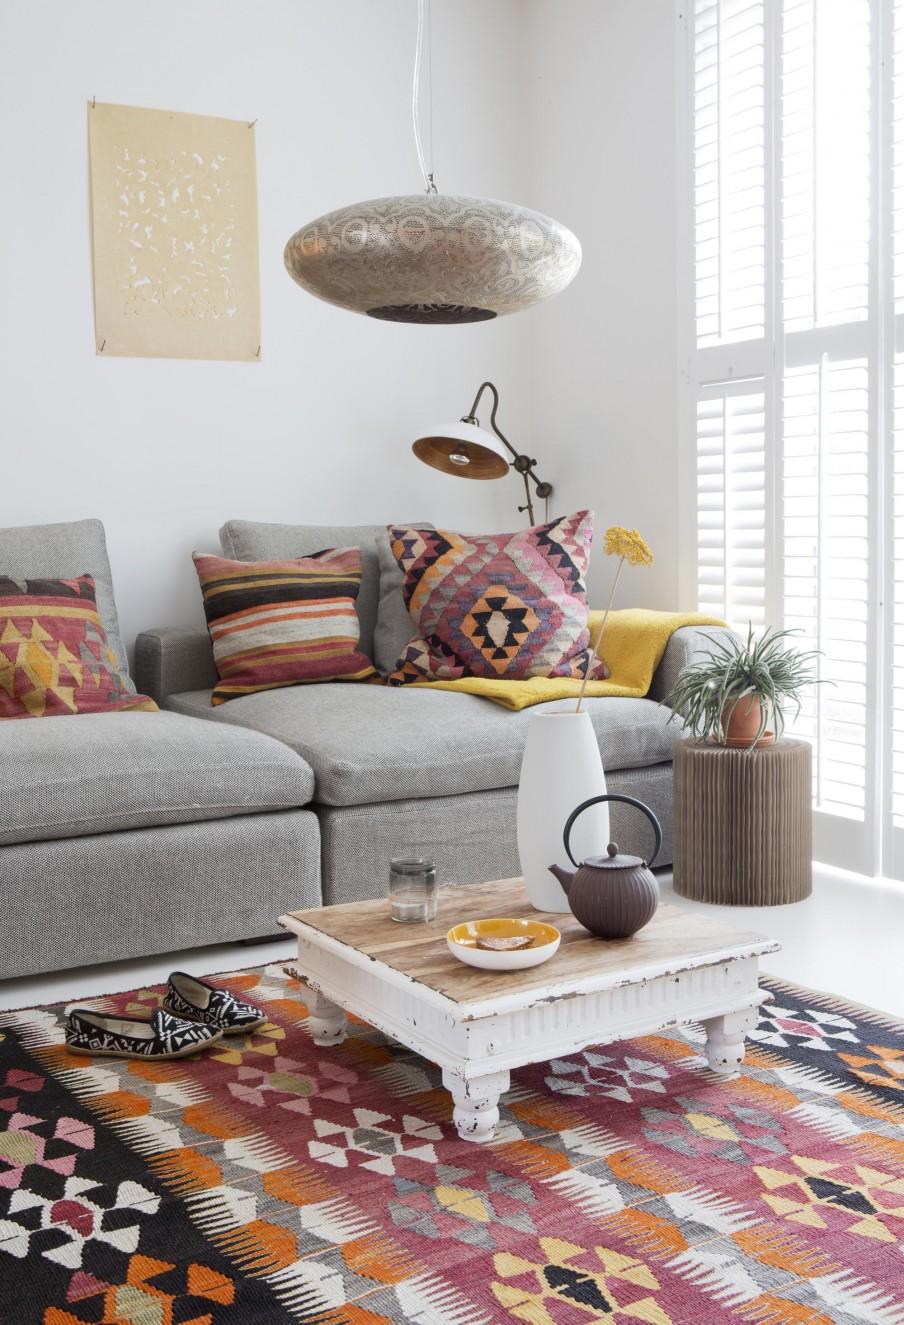 des kilims pour r veiller une d co scandinave. Black Bedroom Furniture Sets. Home Design Ideas